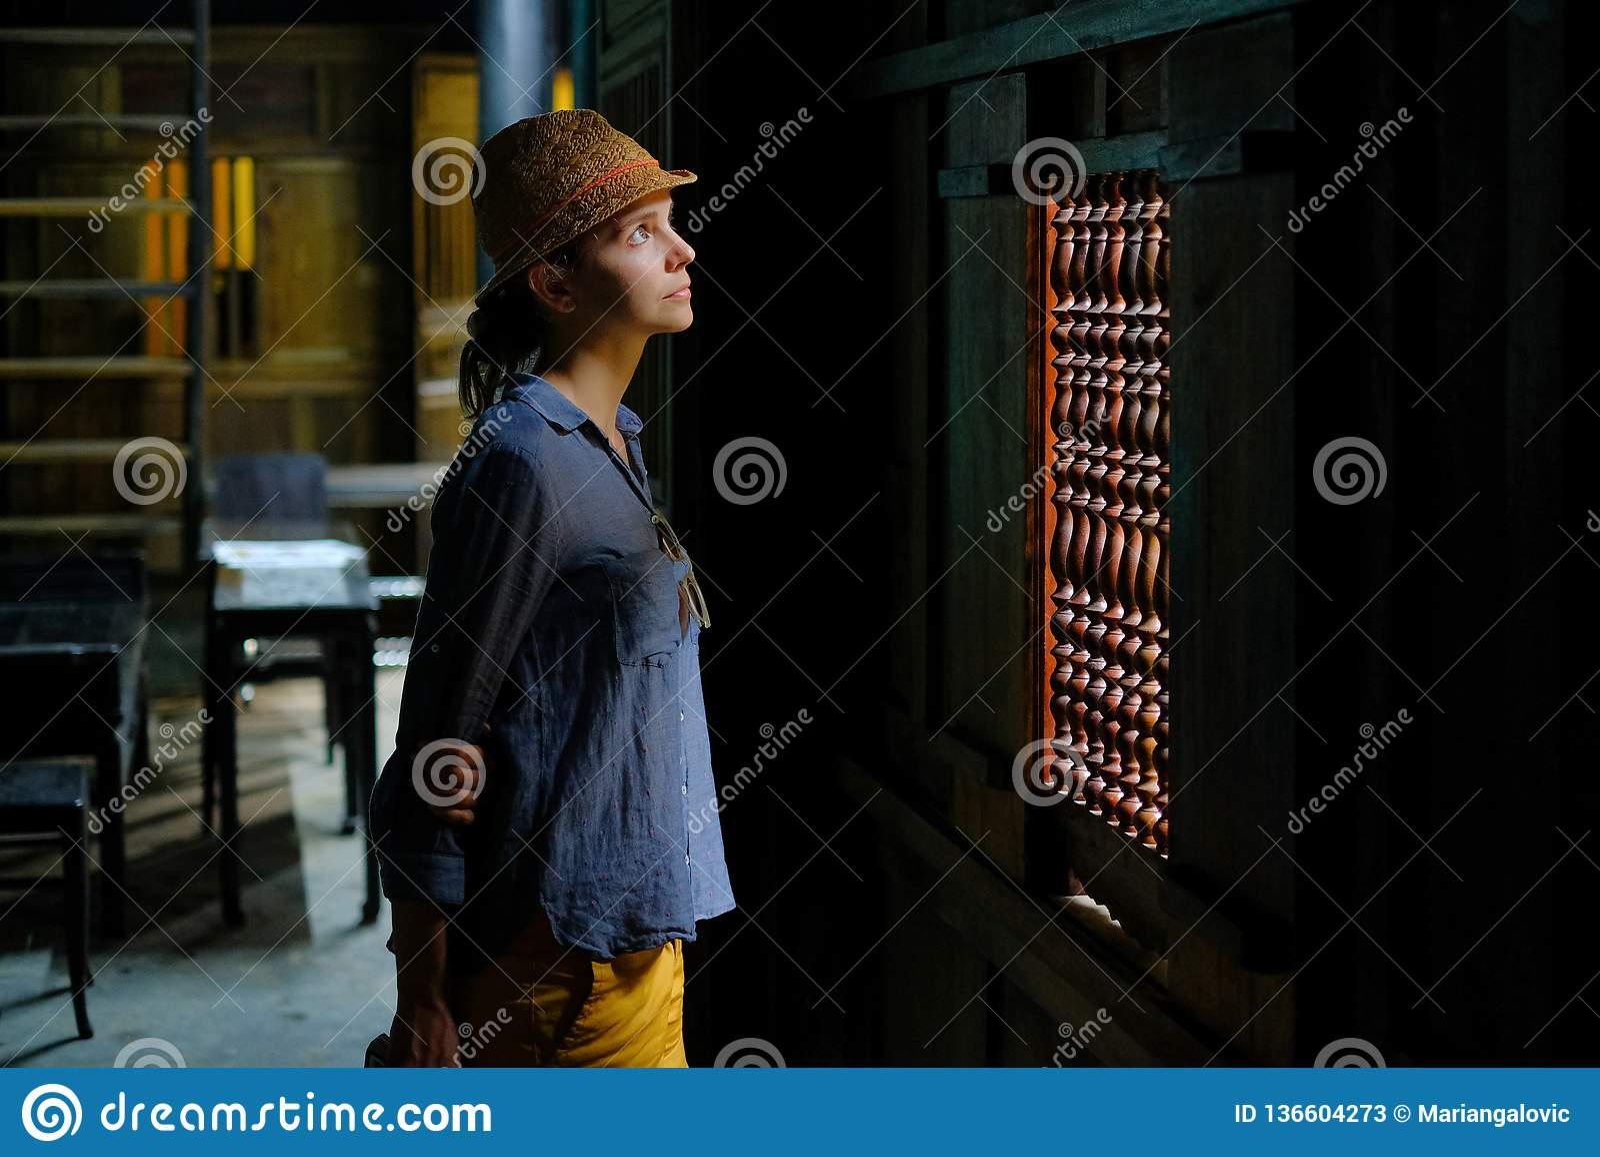 Hoi An/Vietnam, 11/11/2017: Vrouwelijke toerist die zich in het donkere houten binnenland van een traditioneel huis Tan Ky in Hoi